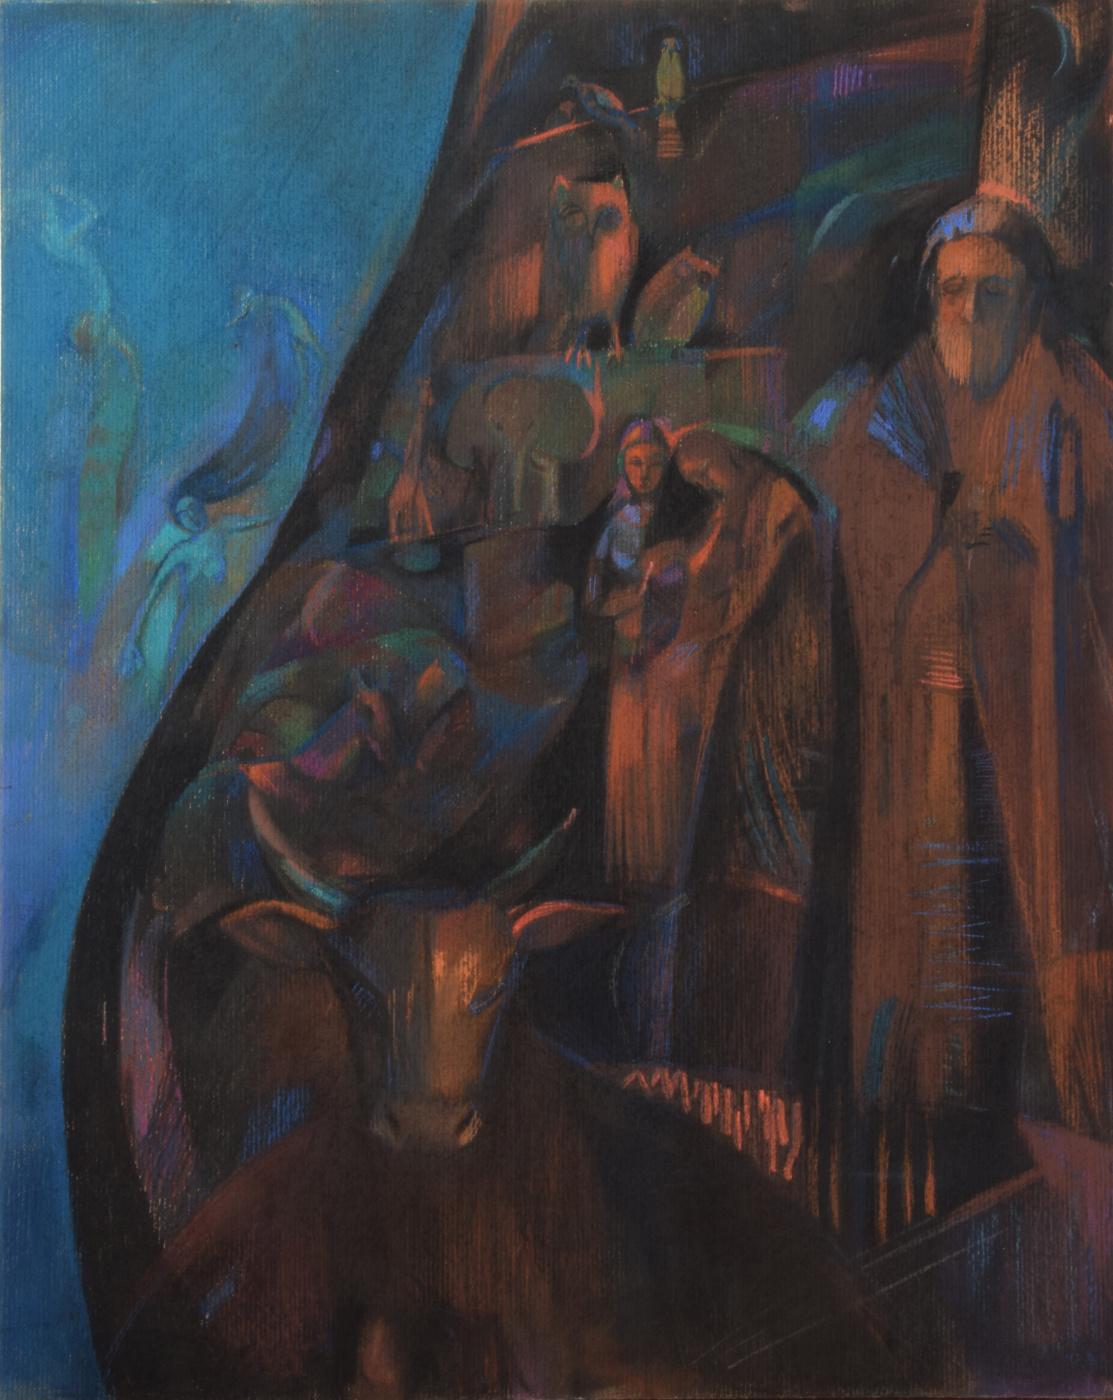 Румяна Внукова. The ark